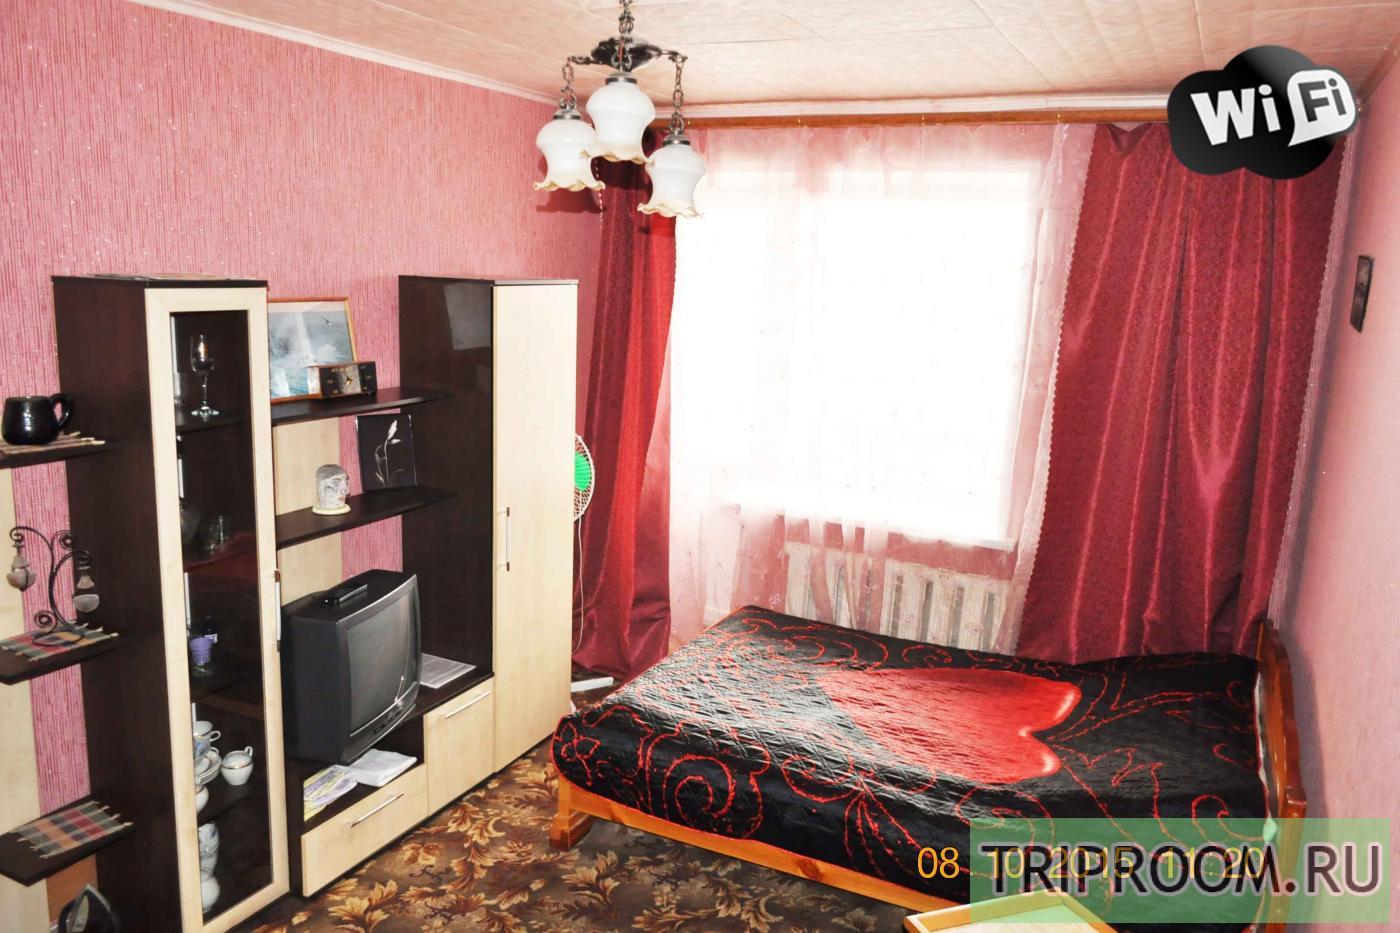 1-комнатная квартира посуточно (вариант № 11707), ул. Нижегородская улица, фото № 5